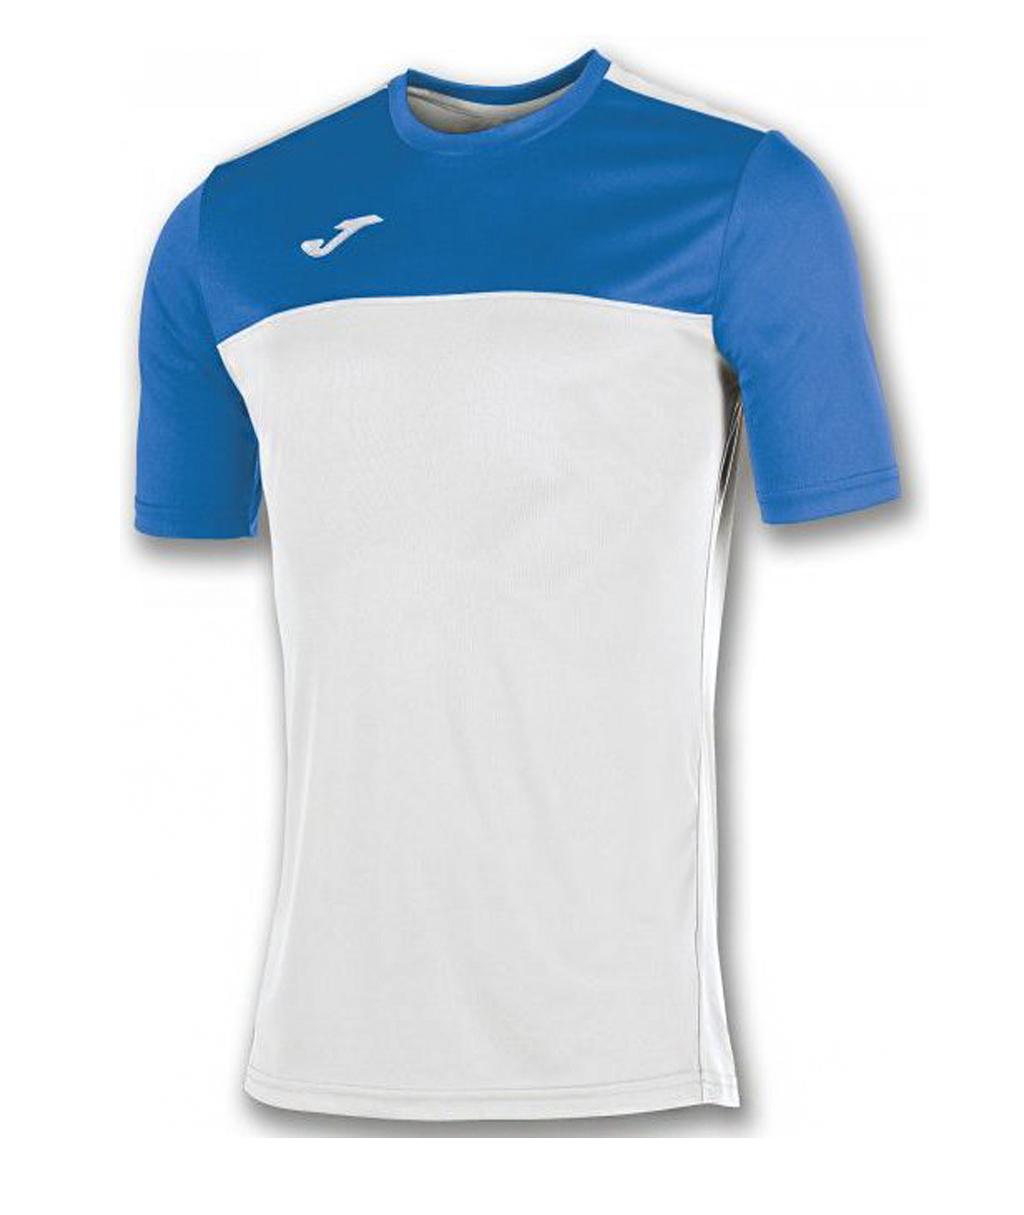 Купить футболку Joma Winner 100946.207 в интернет-магазине